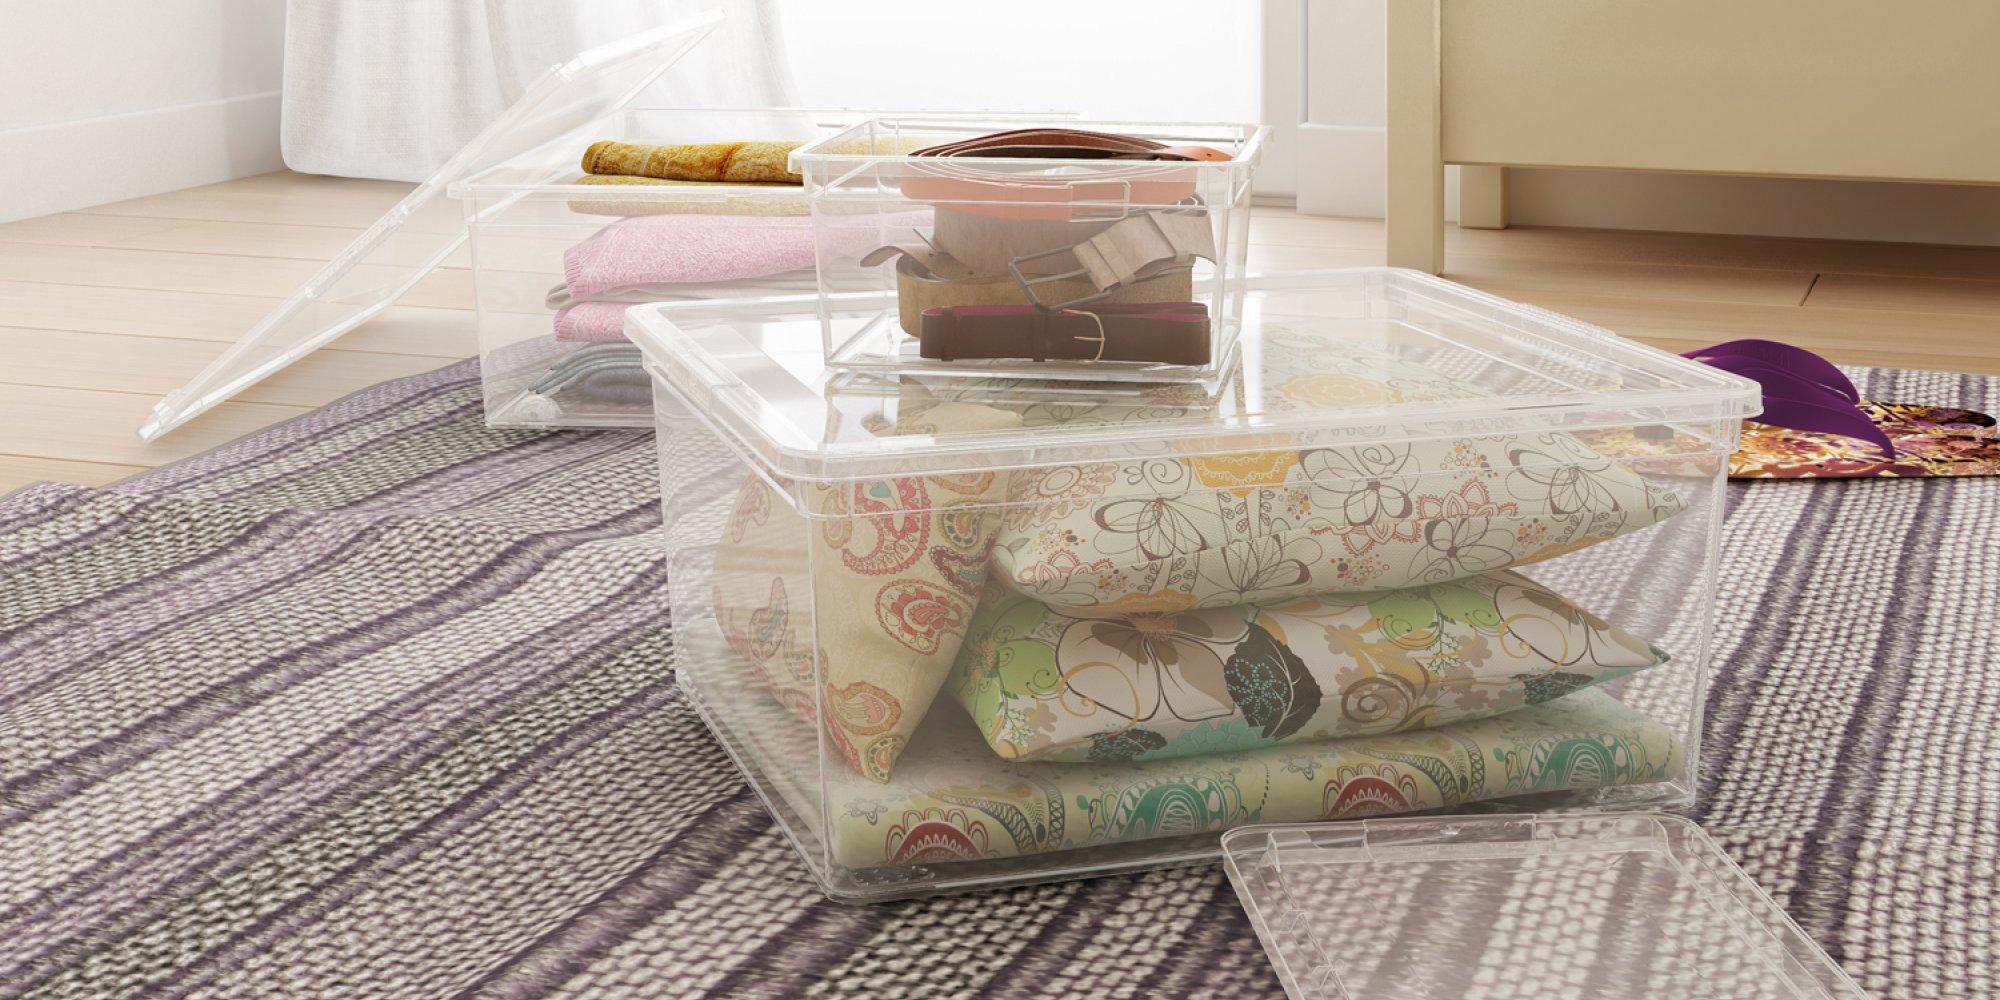 Kis 5 pasos fáciles para descontar su armario antes de las ventas de compras | gallery 5